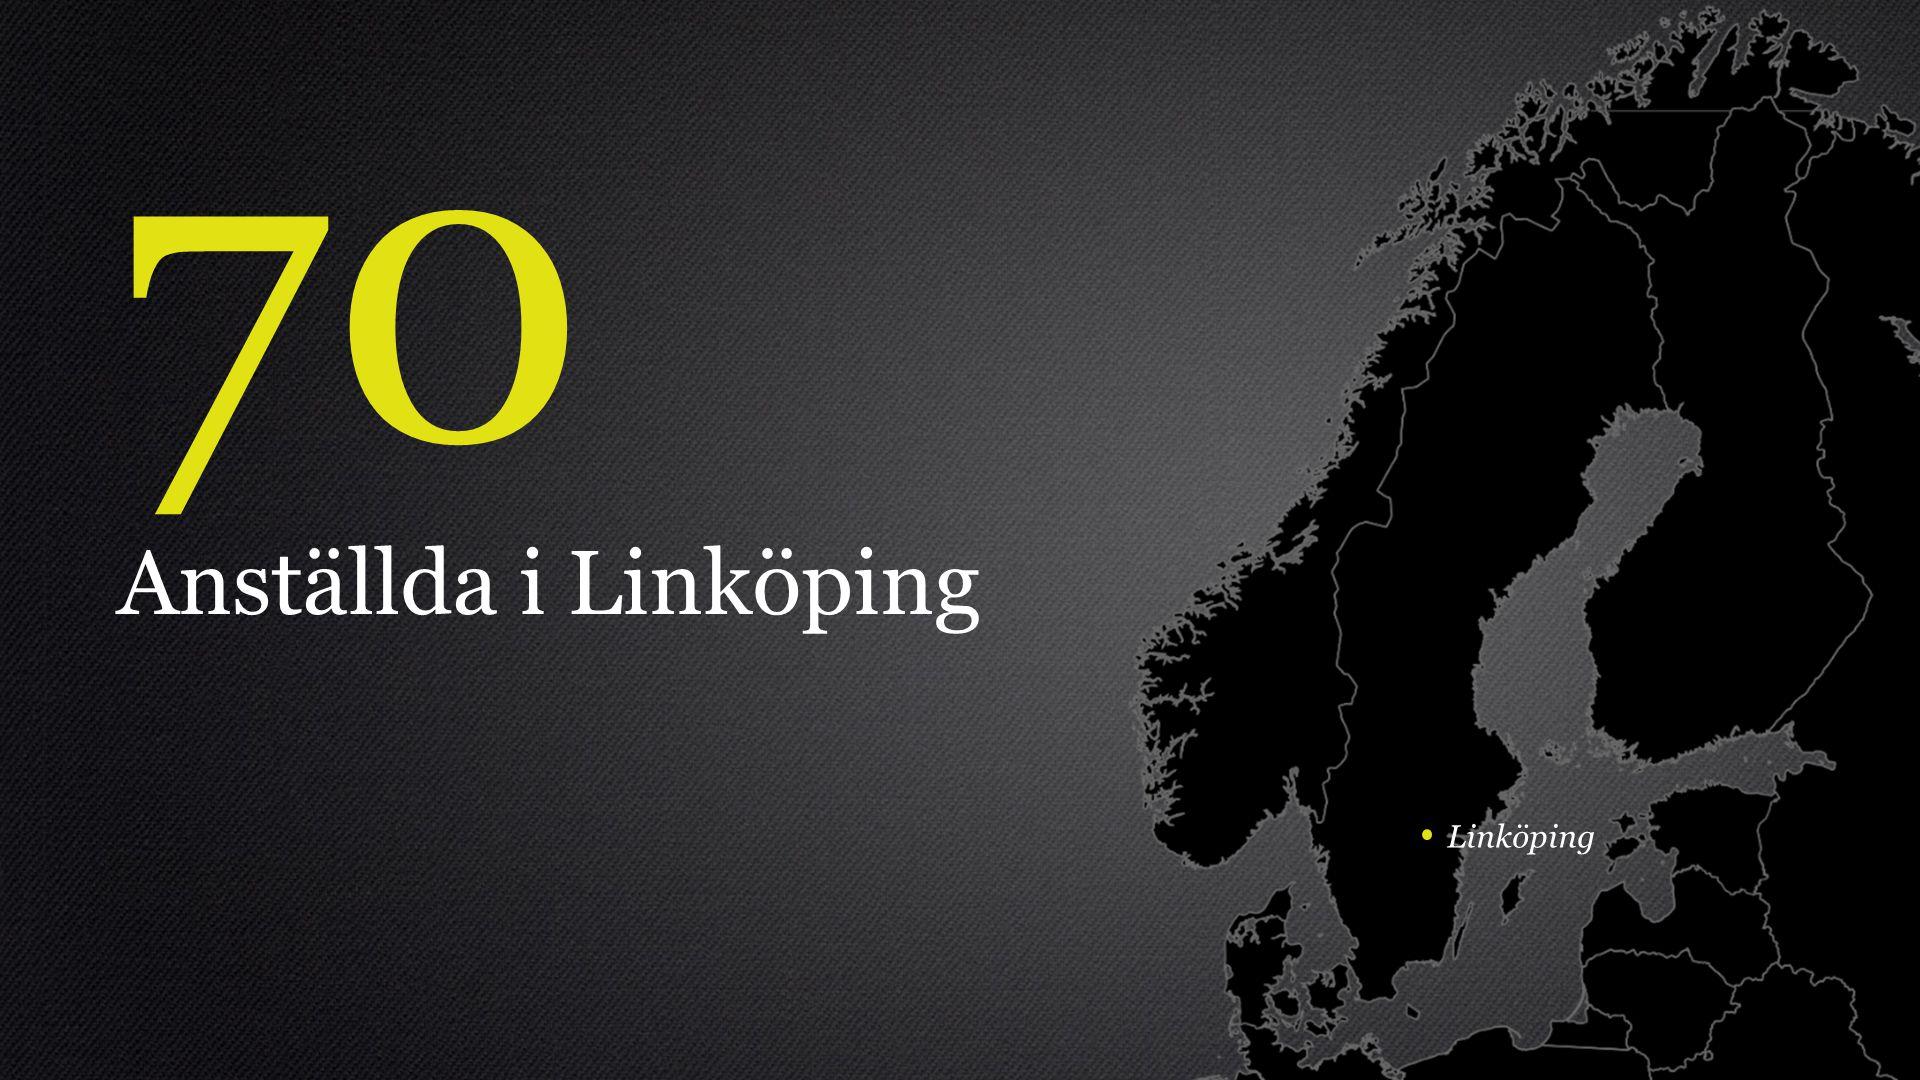 70 Anställda i Linköping Linköping